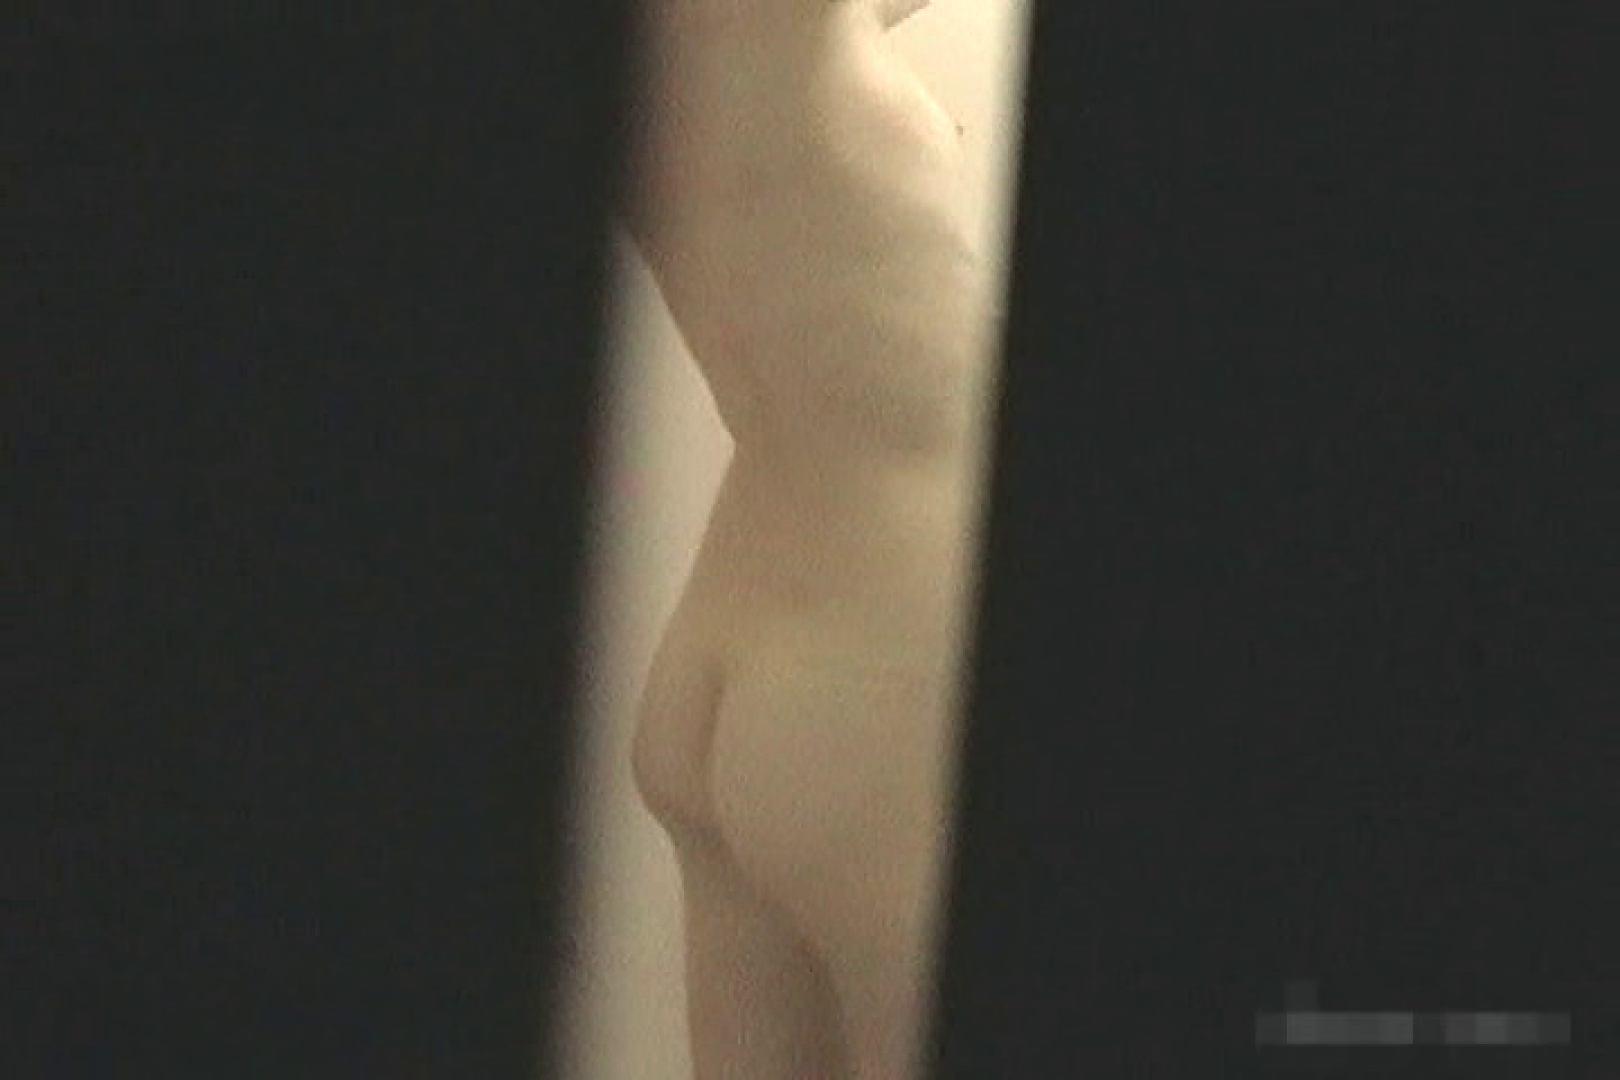 激撮ストーカー記録あなたのお宅拝見しますVol.6 美女OL すけべAV動画紹介 69連発 14